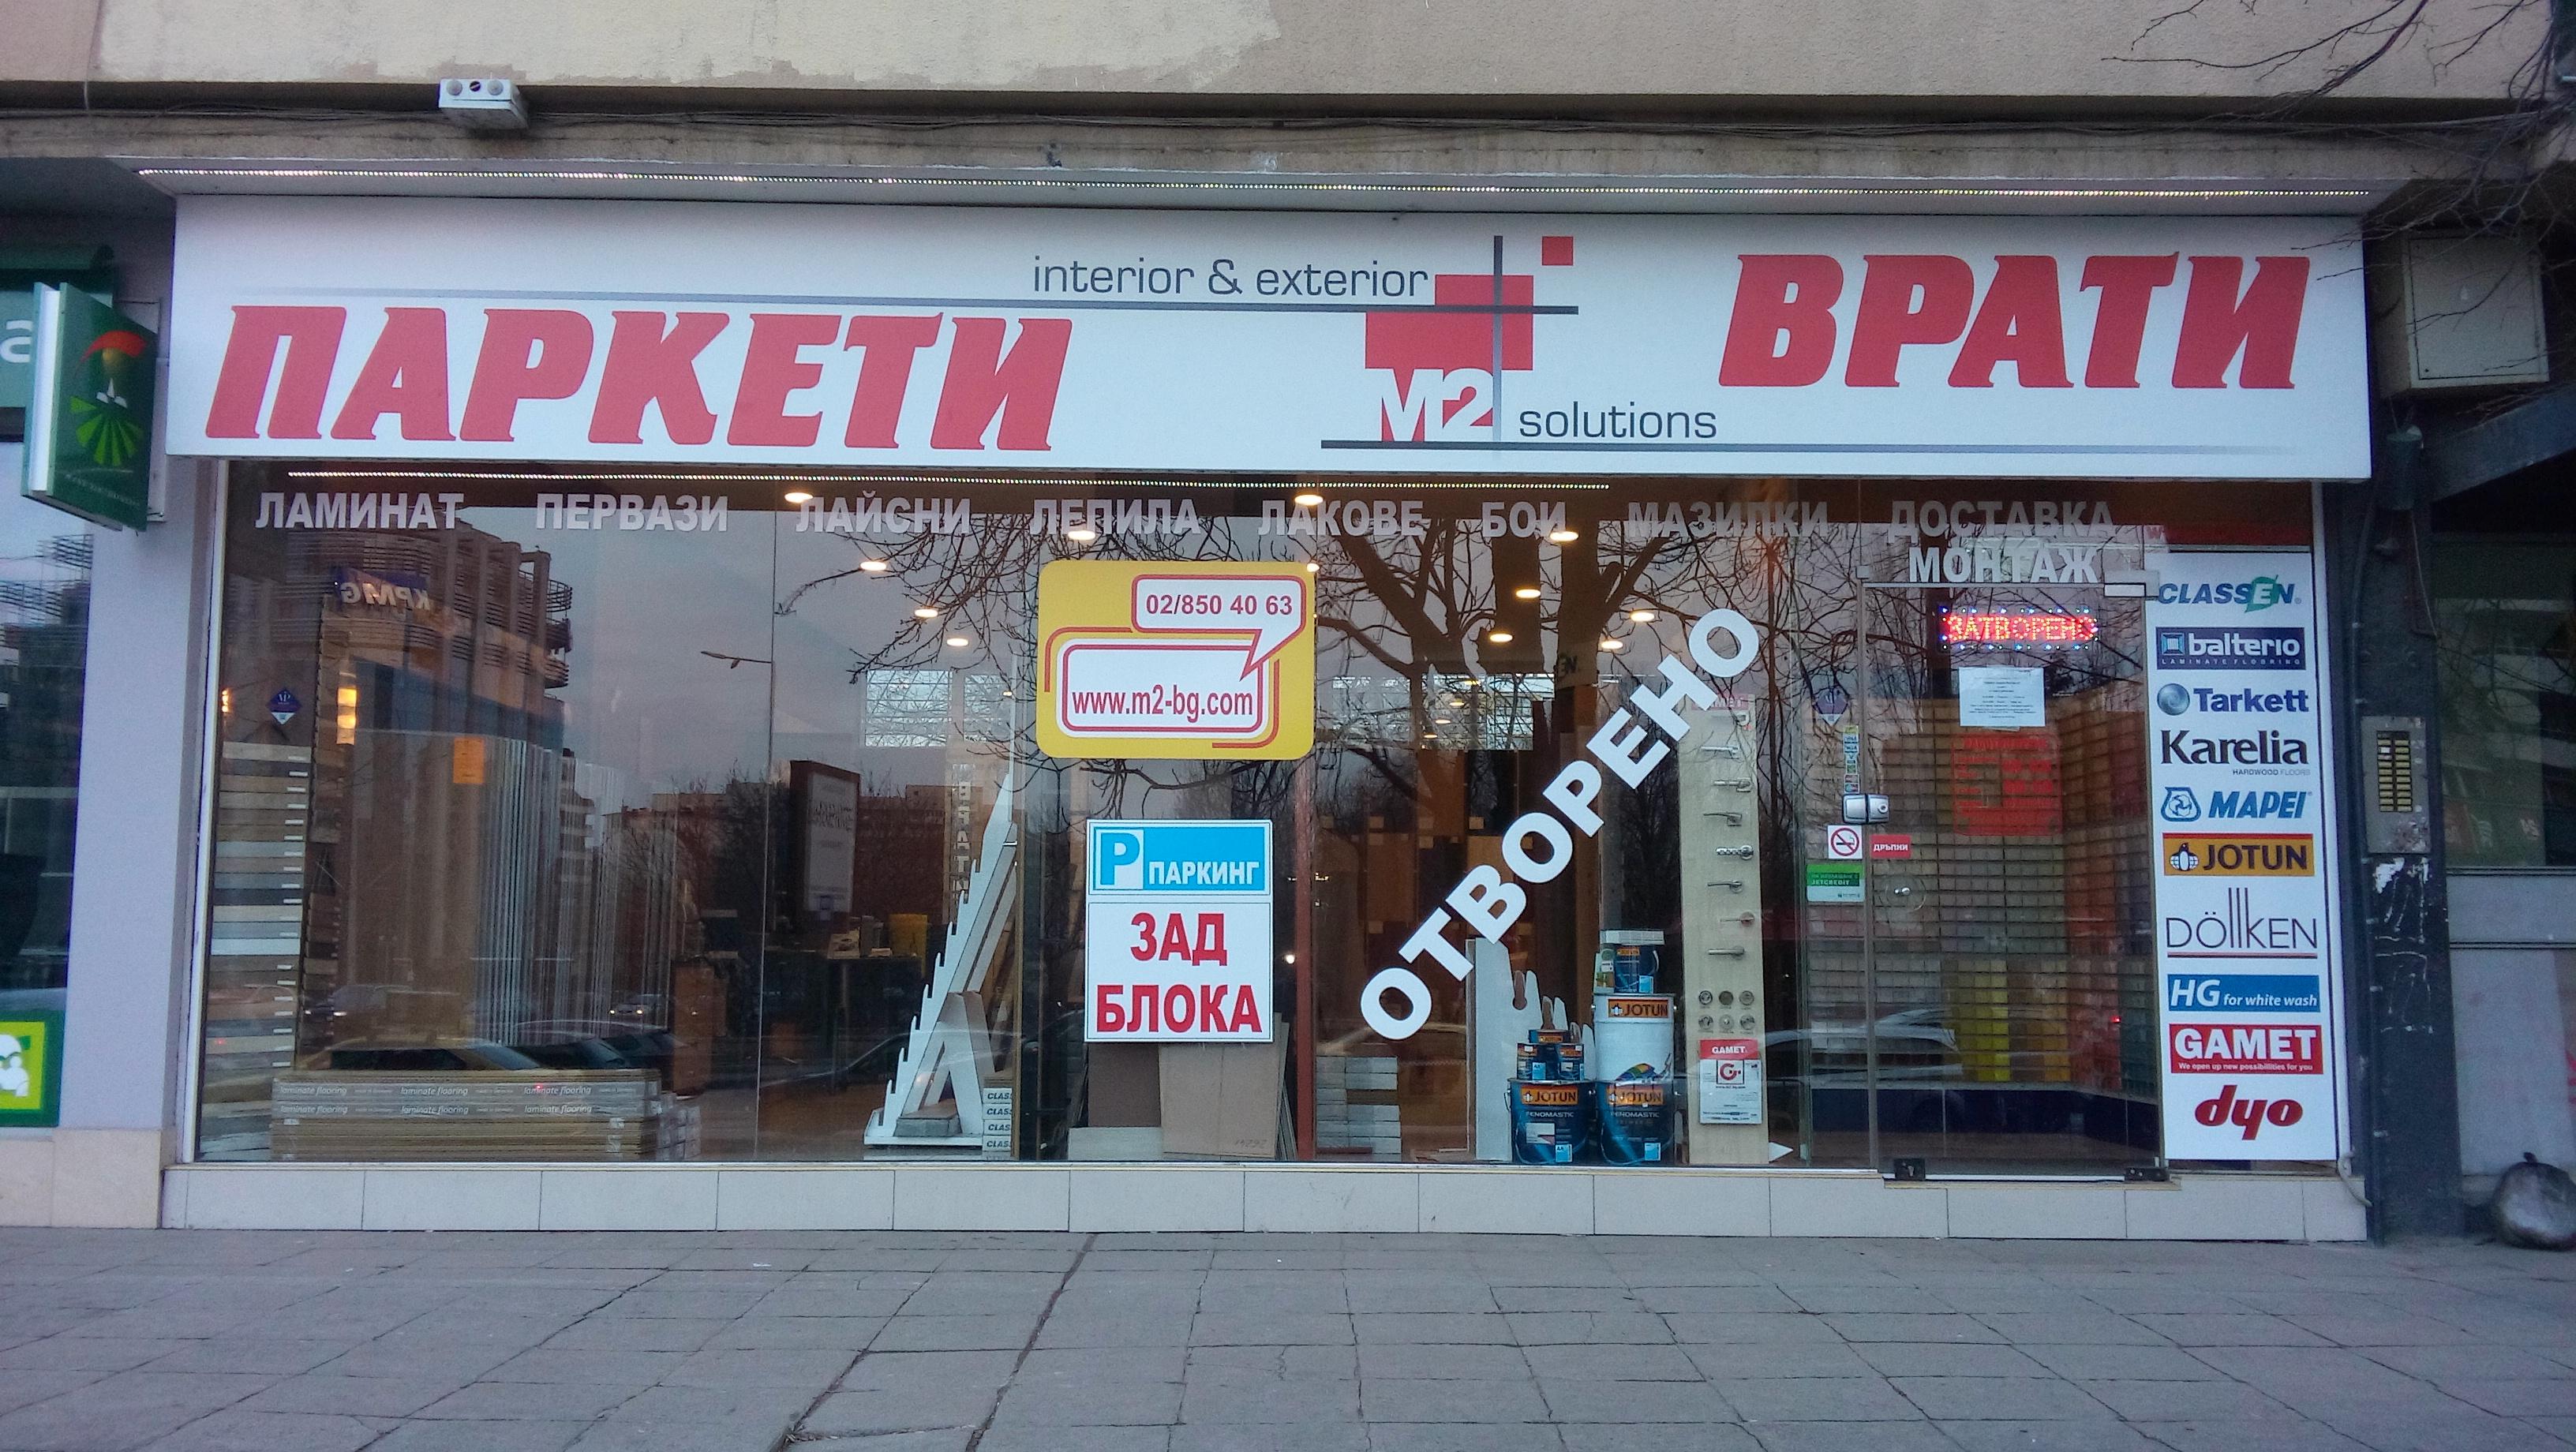 Магазин М2 на бул.Гоце Делчев,бл 32 няма да работи на:02,03,04,05,06.07.15г.